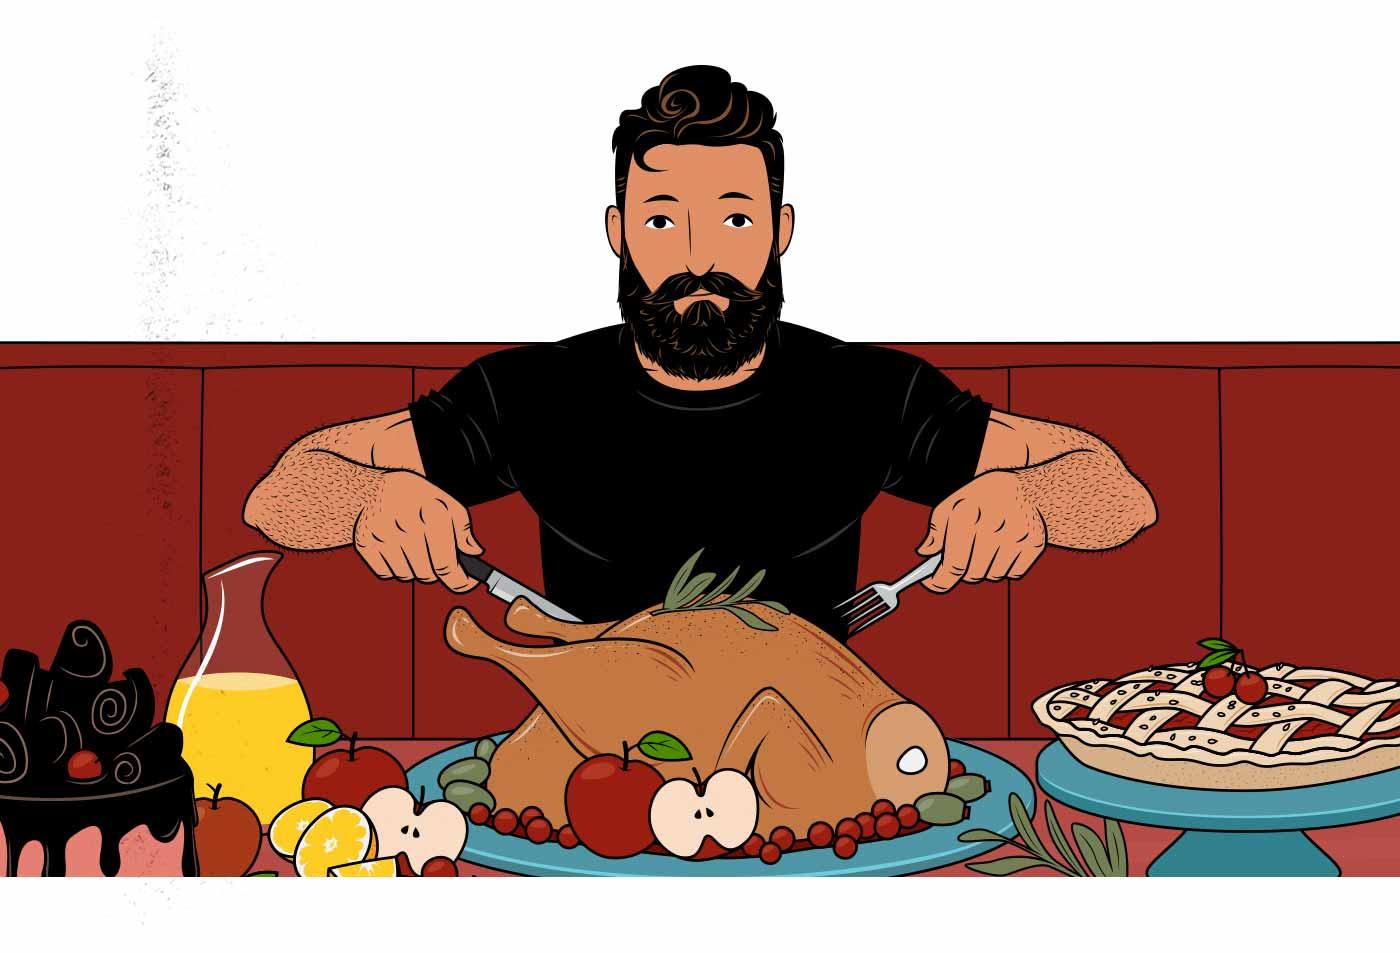 Ilustración de un hombre con un banquete de comida.